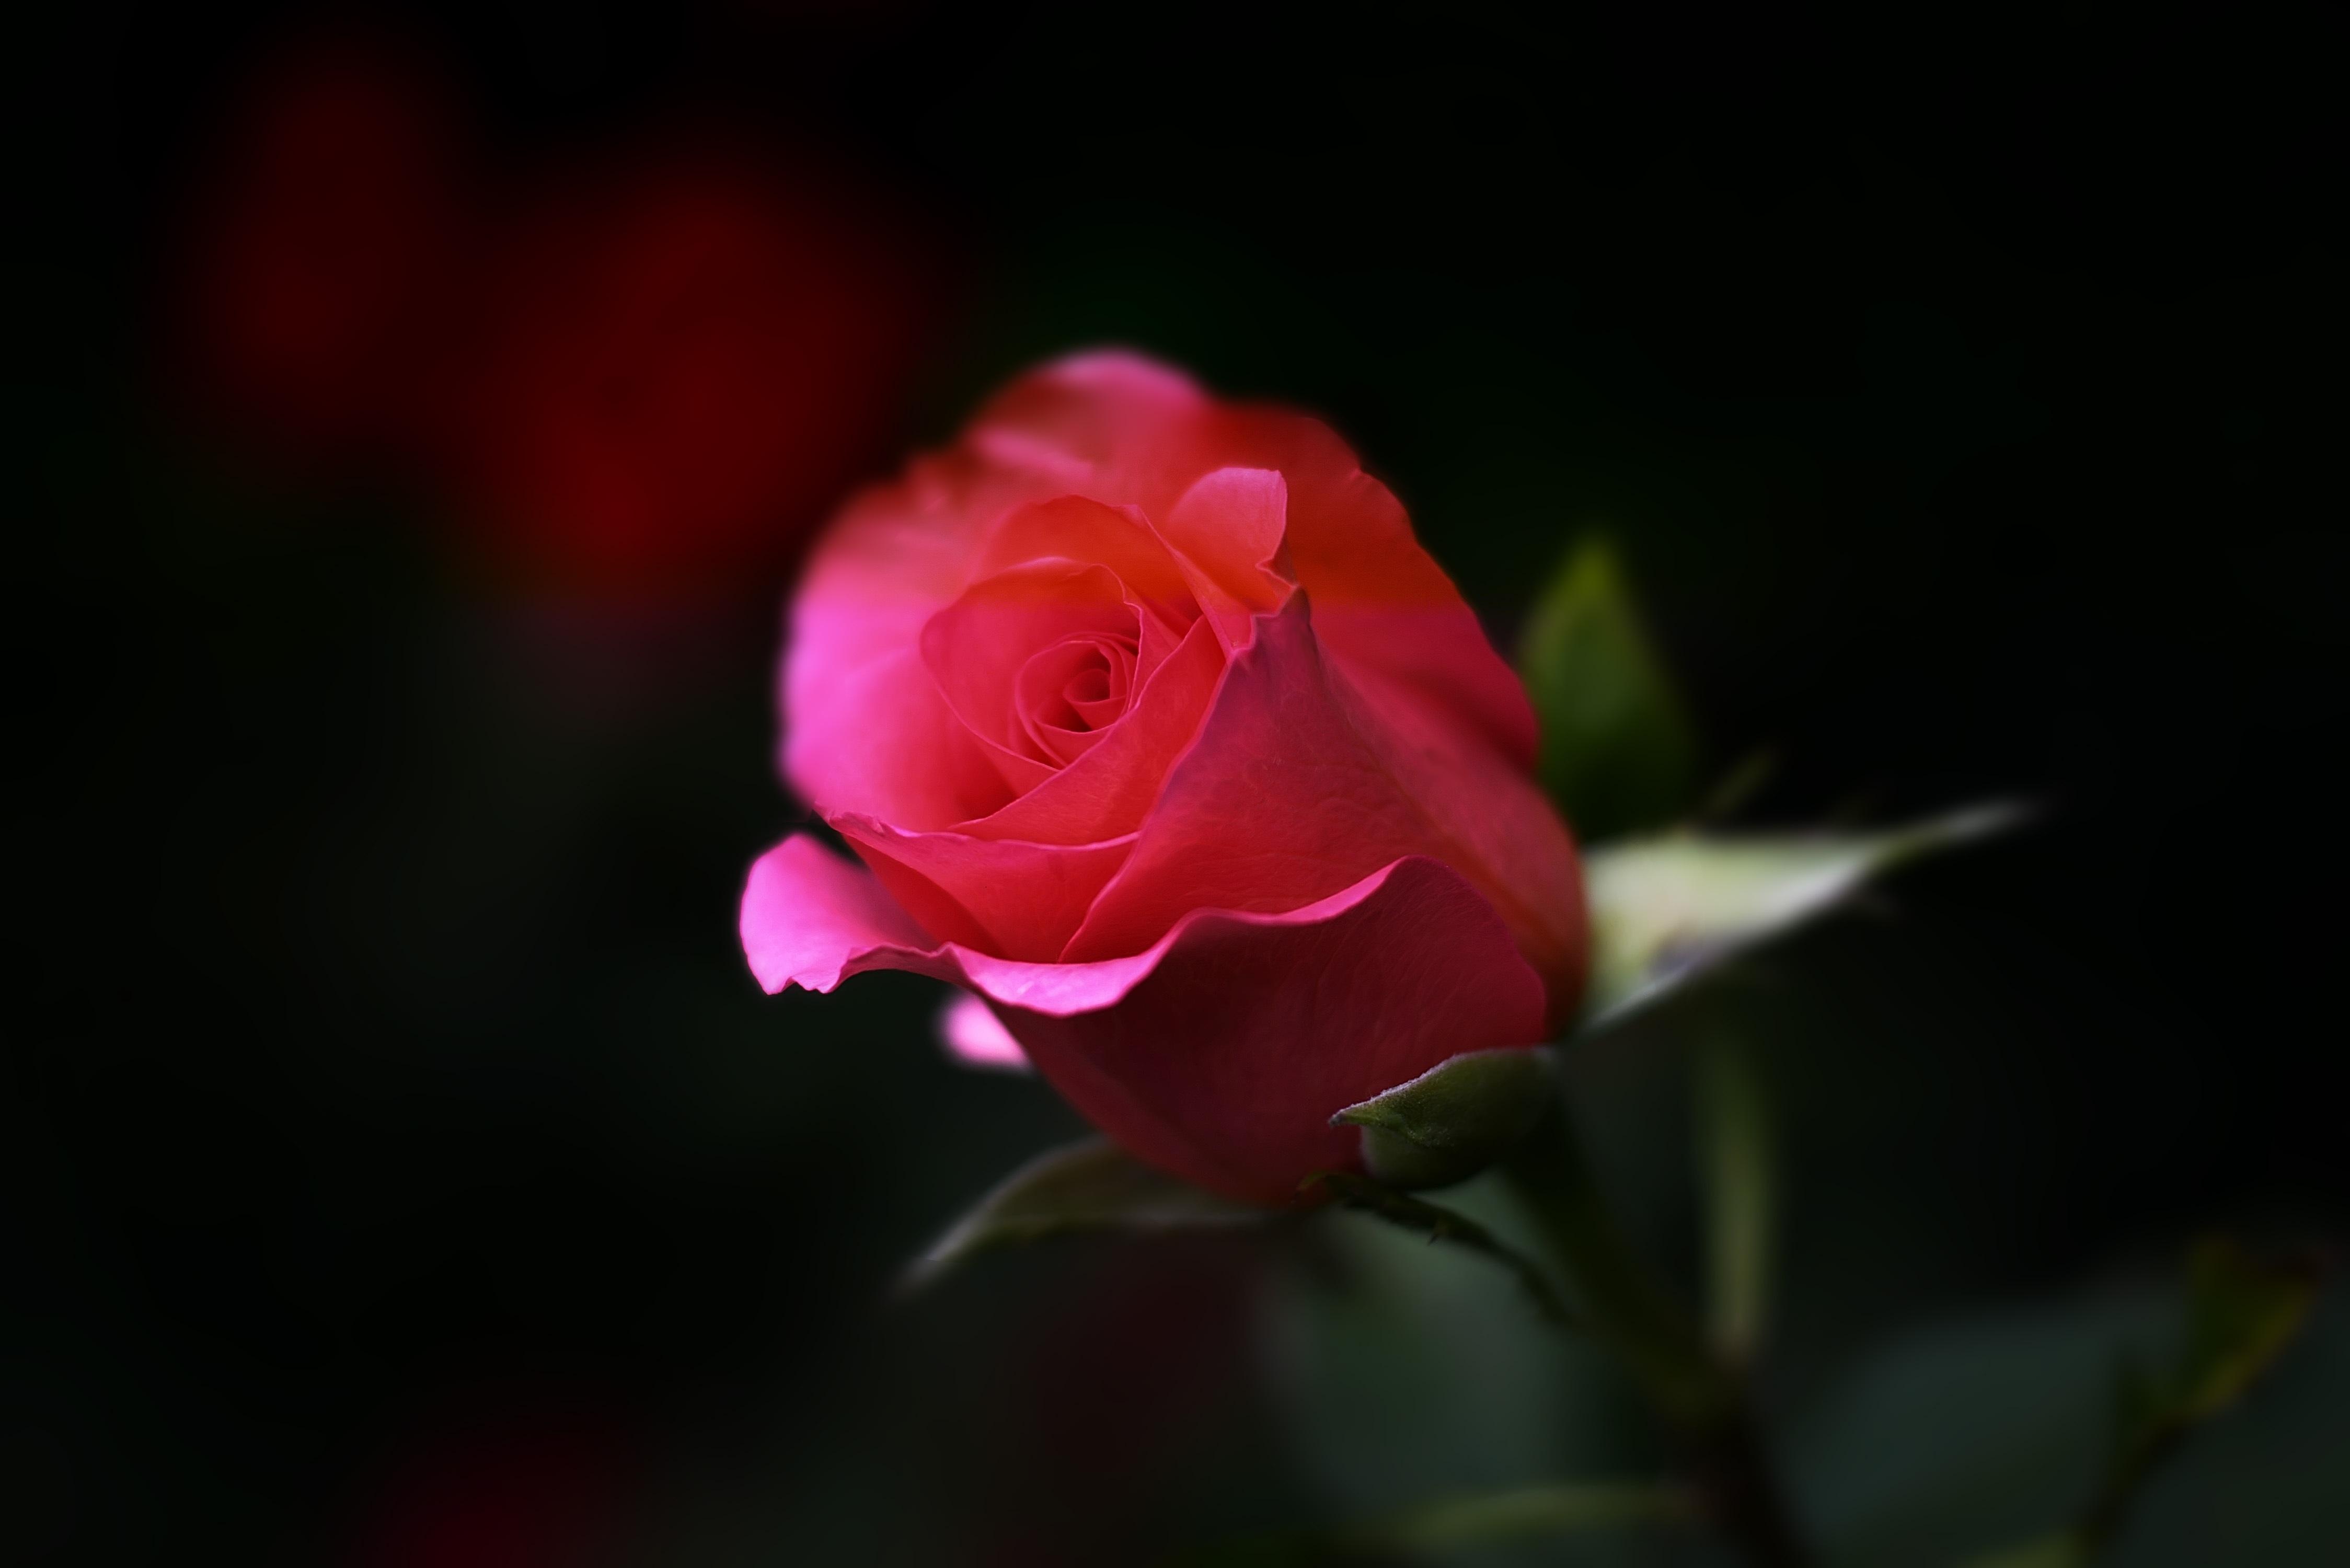 Free Images Blossom Flower Petal Bloom Floral Red Color